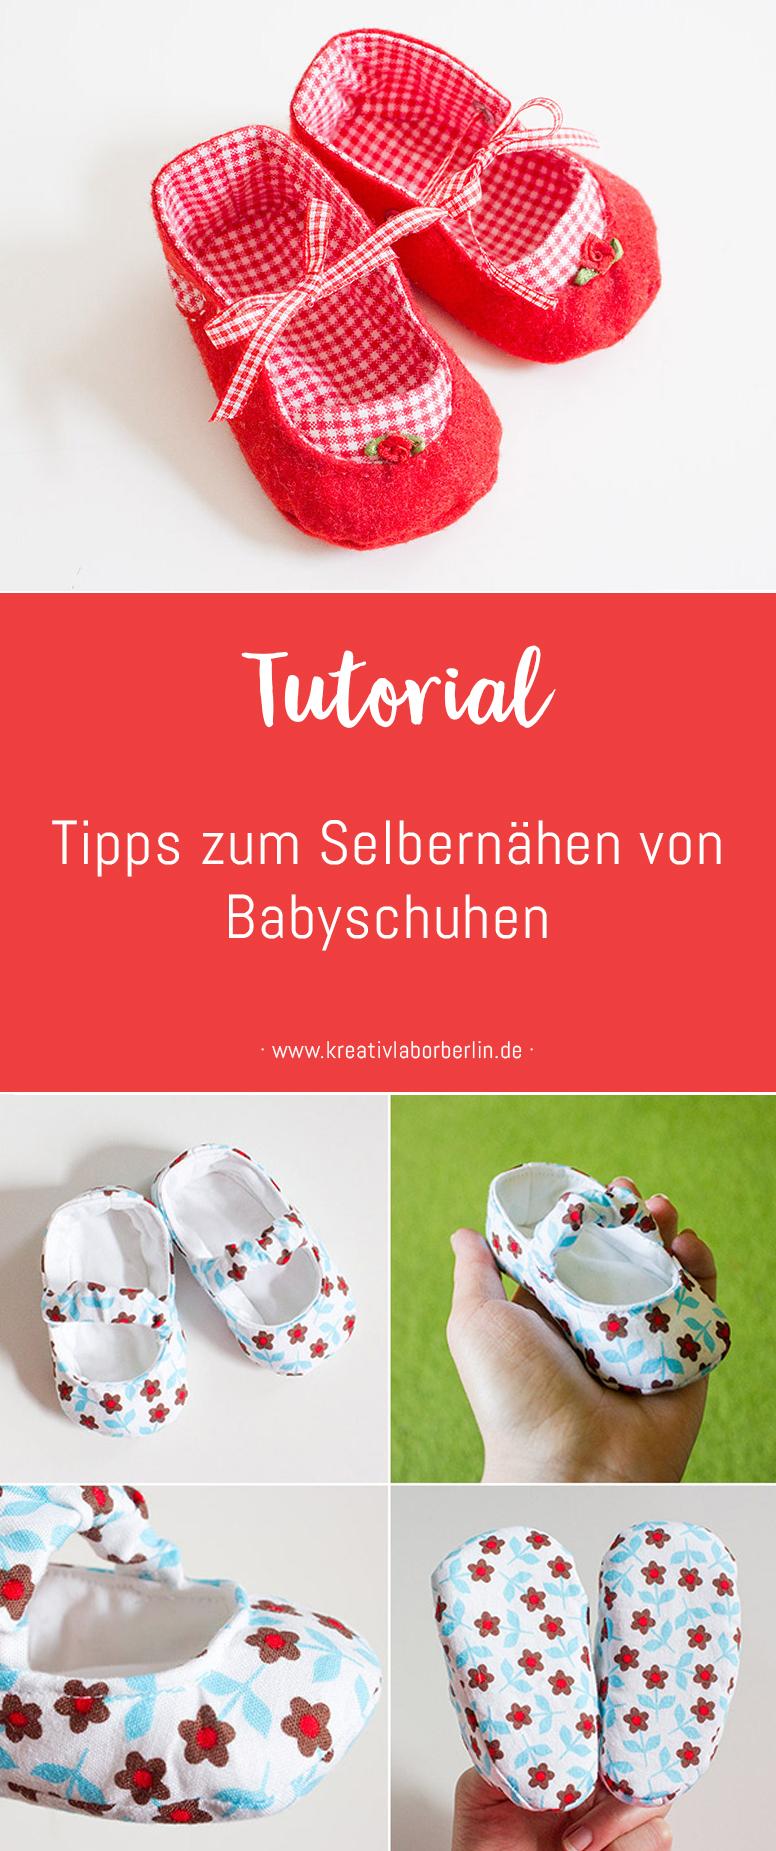 Tipps zum Selbernähen von Babyschuhen | Kreativlabor Berlin